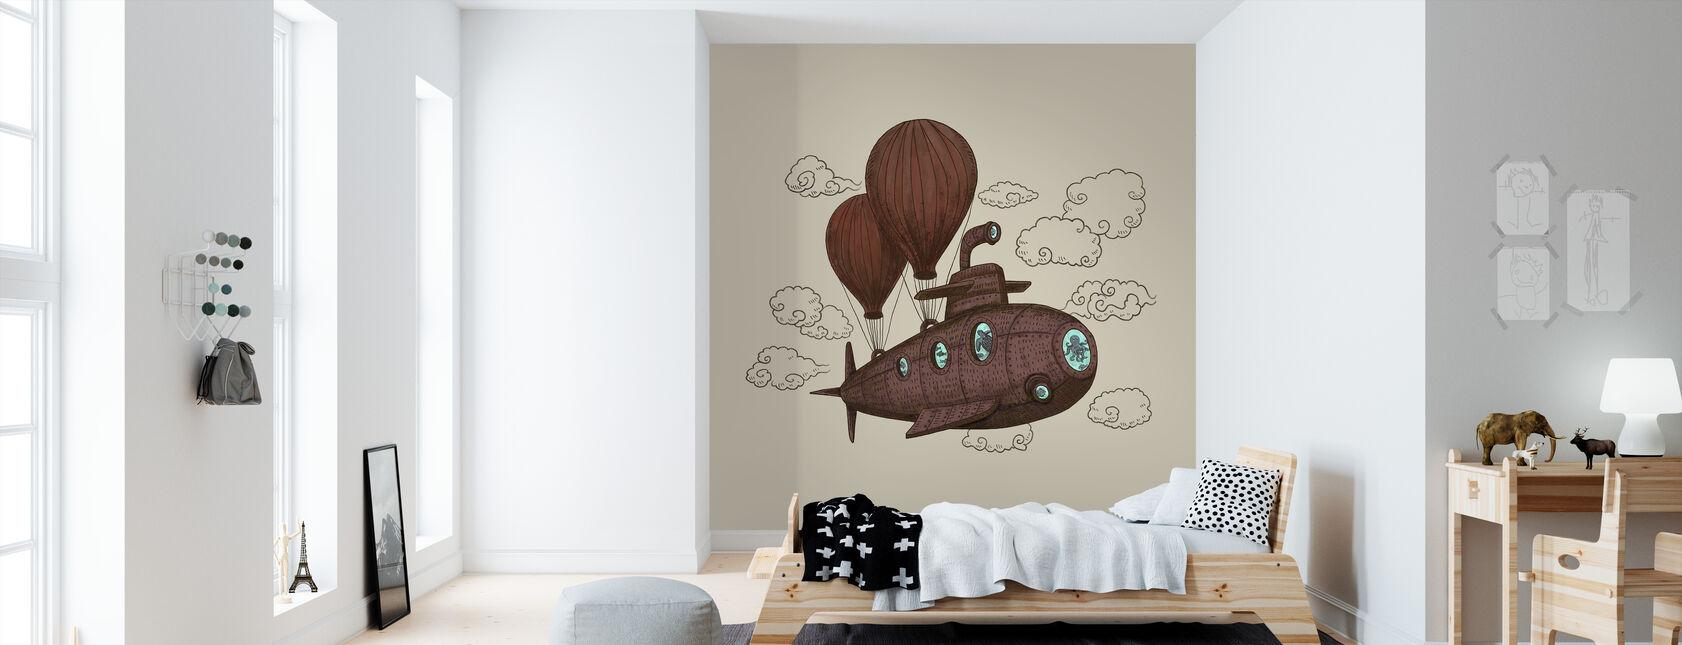 Fantastic Voyage - Wallpaper - Kids Room